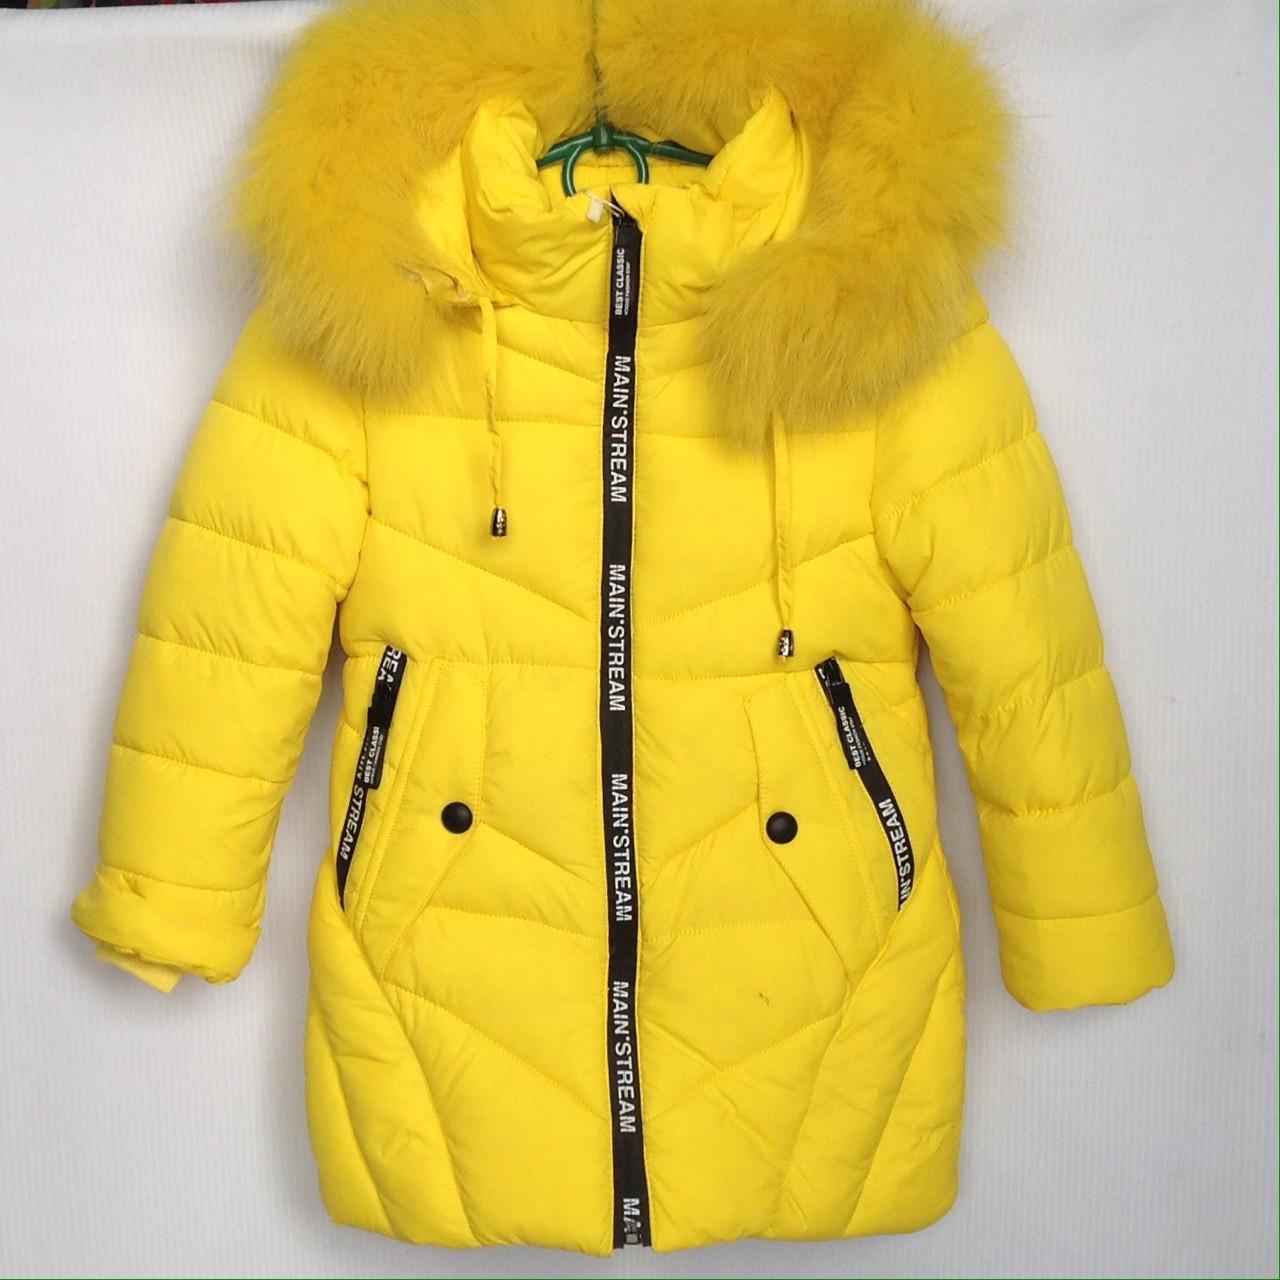 Куртка детская зимняя Girl #6612 для девочек. 104-128 см (4-8 лет). Лимонная. Оптом.